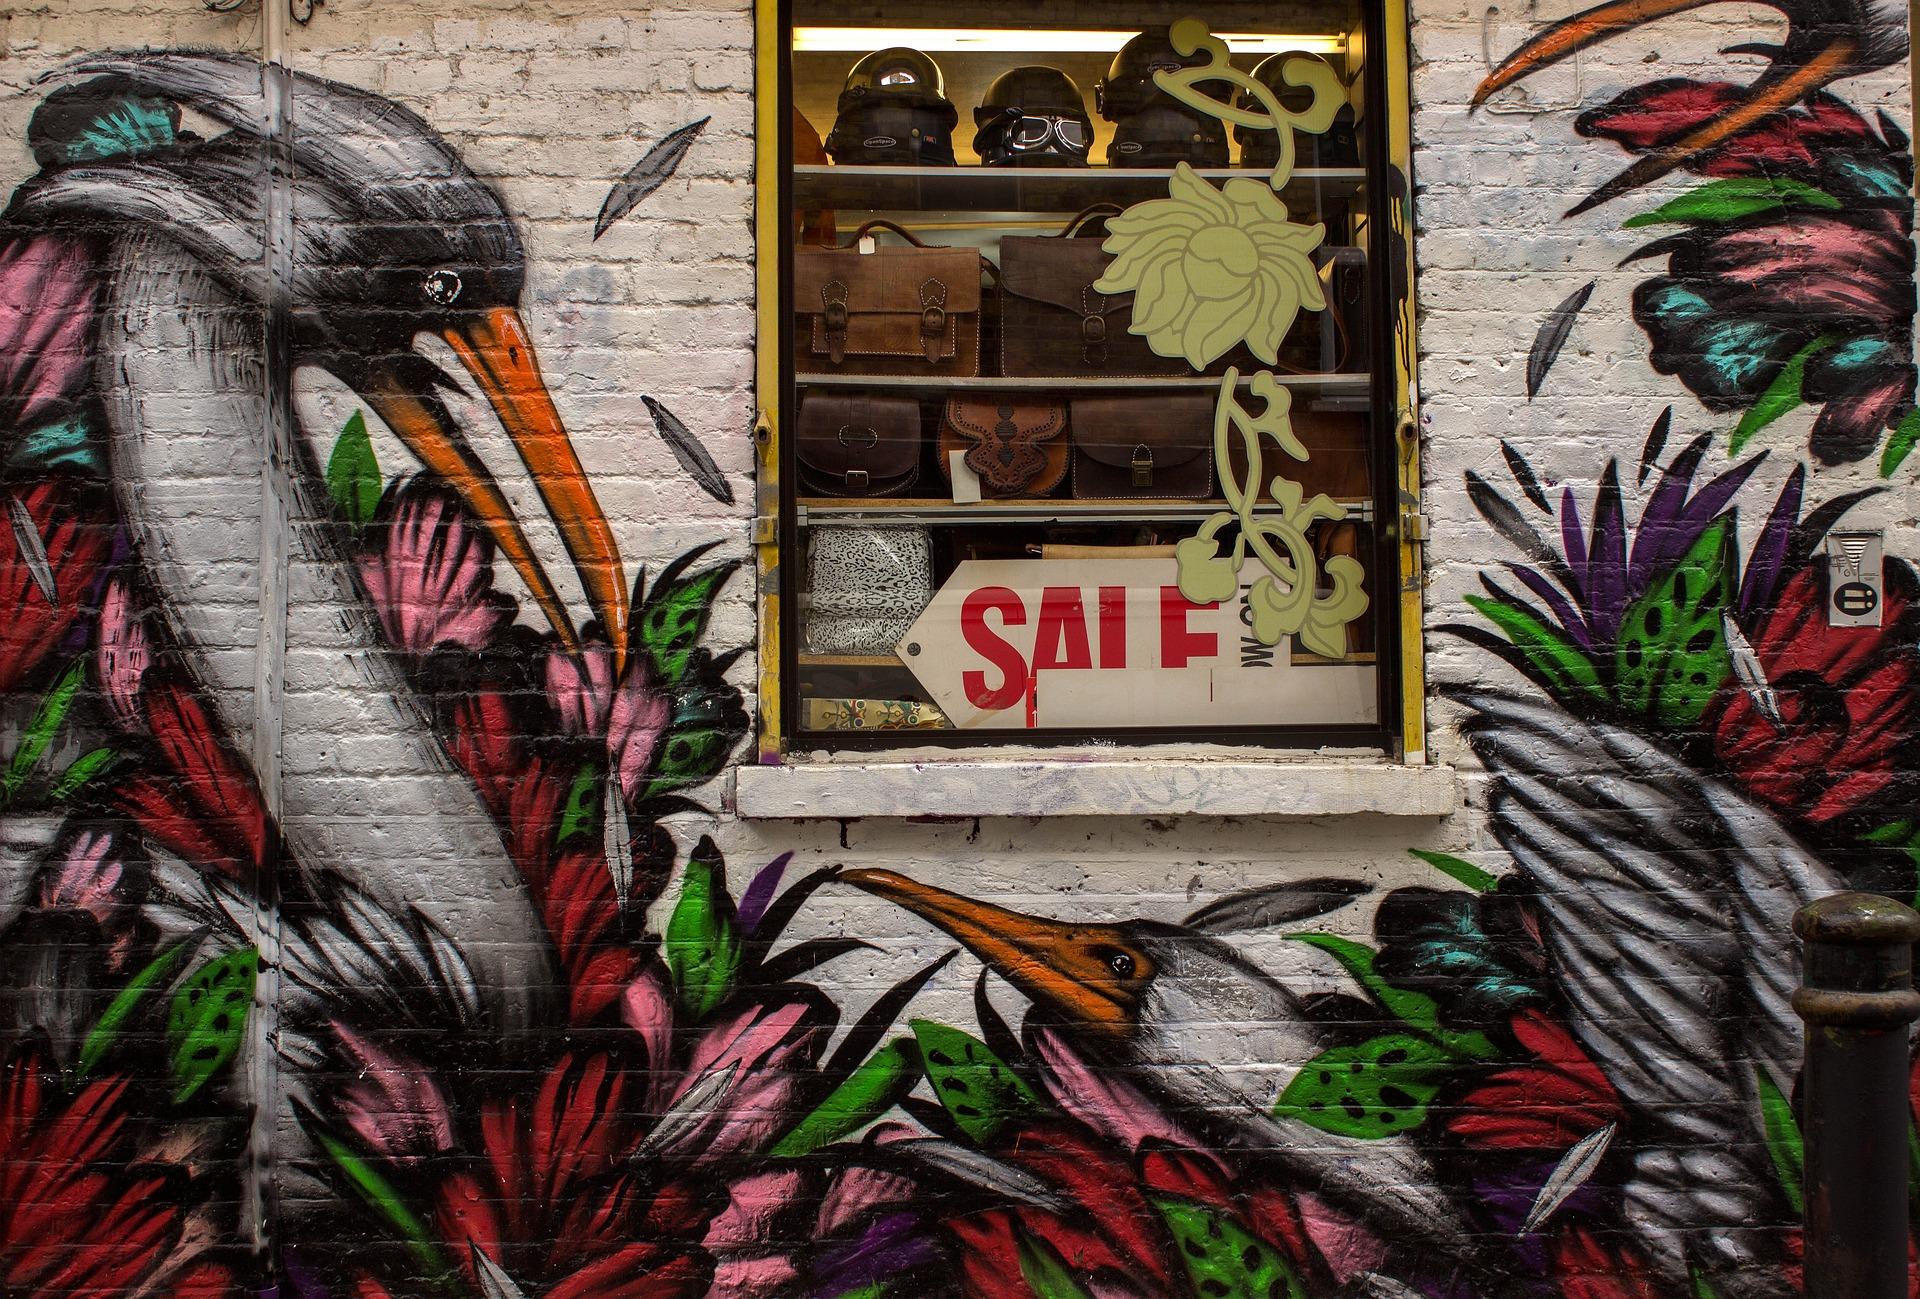 אמנות הרחוב בשכונת שורדיץ' - לונדון